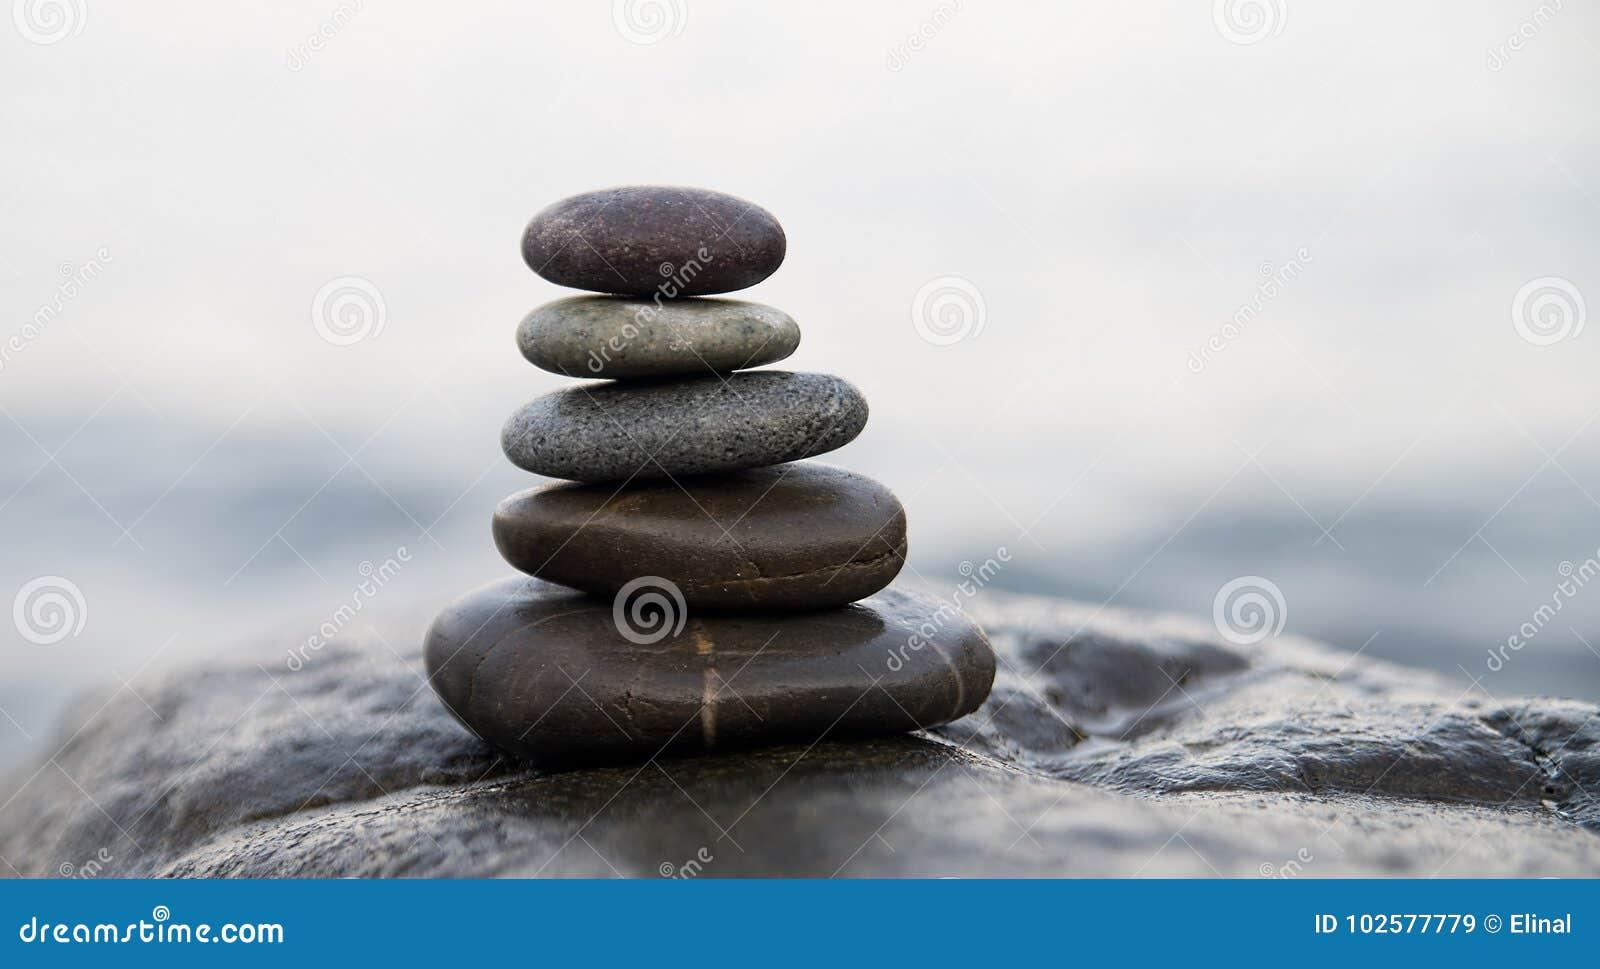 Bamboo stones zen 和平佛教凝思标志 放松